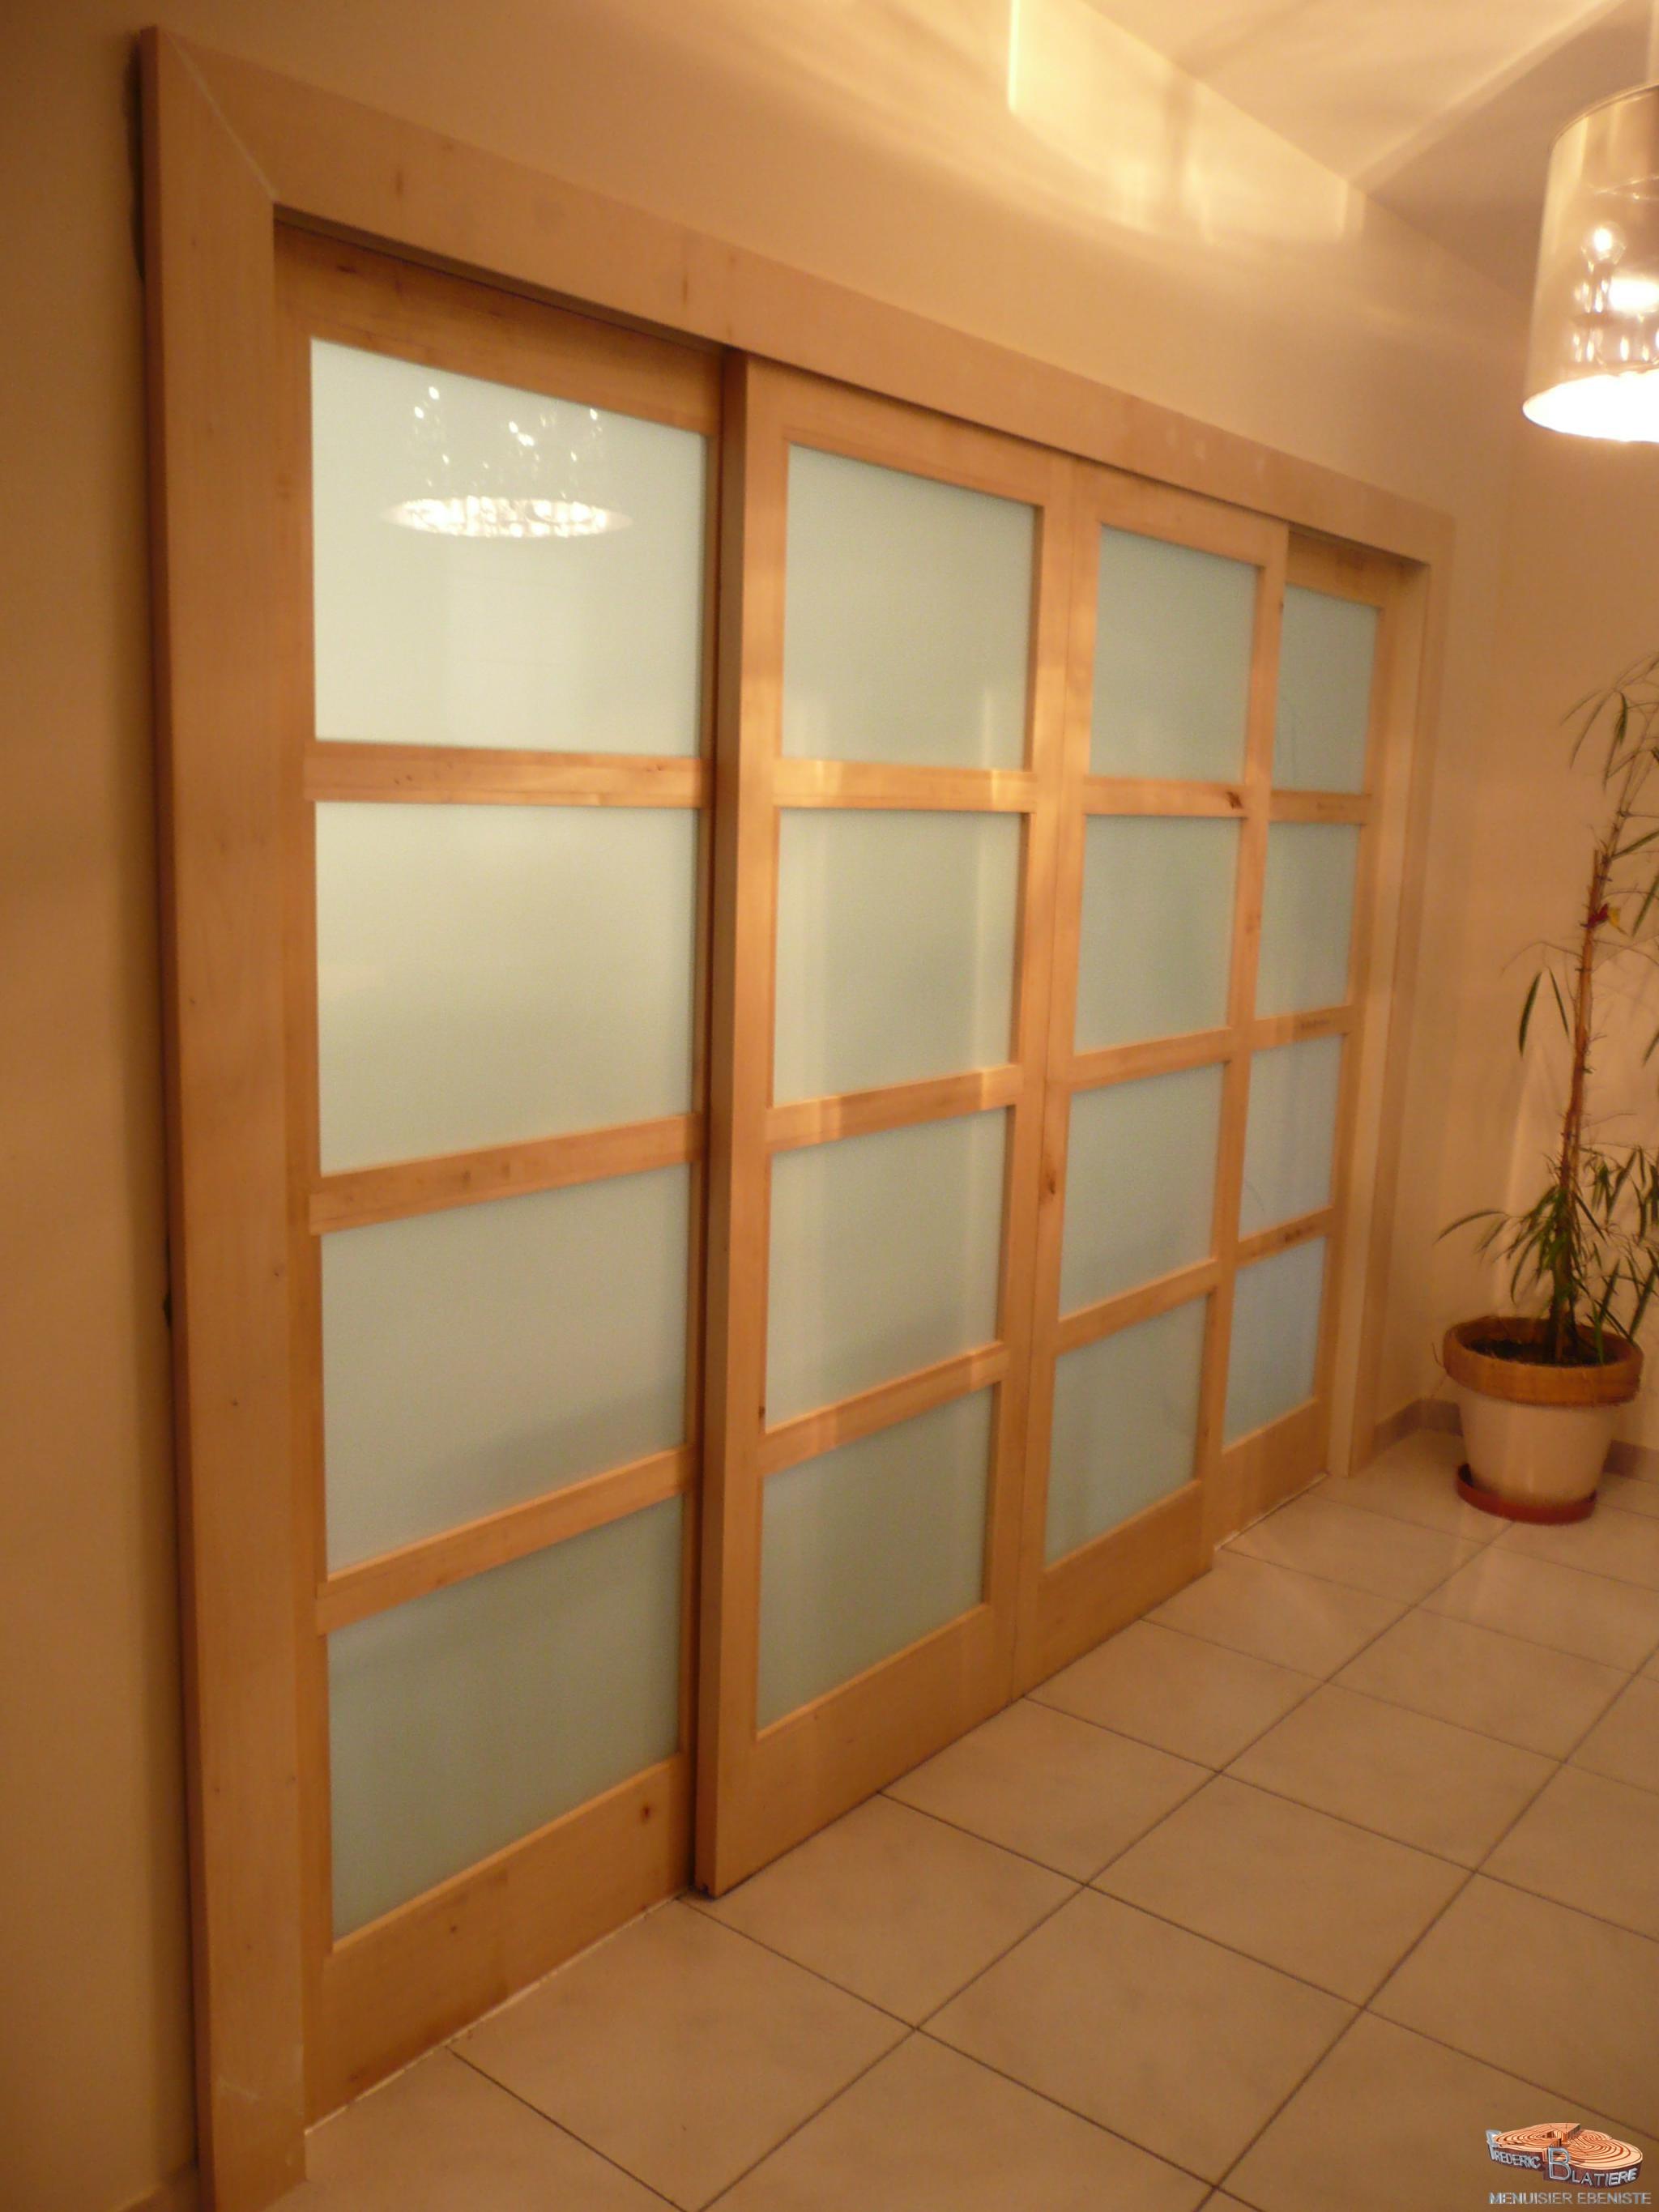 Advisable porte interieure grande largeur choices - Habillage de porte interieure ...